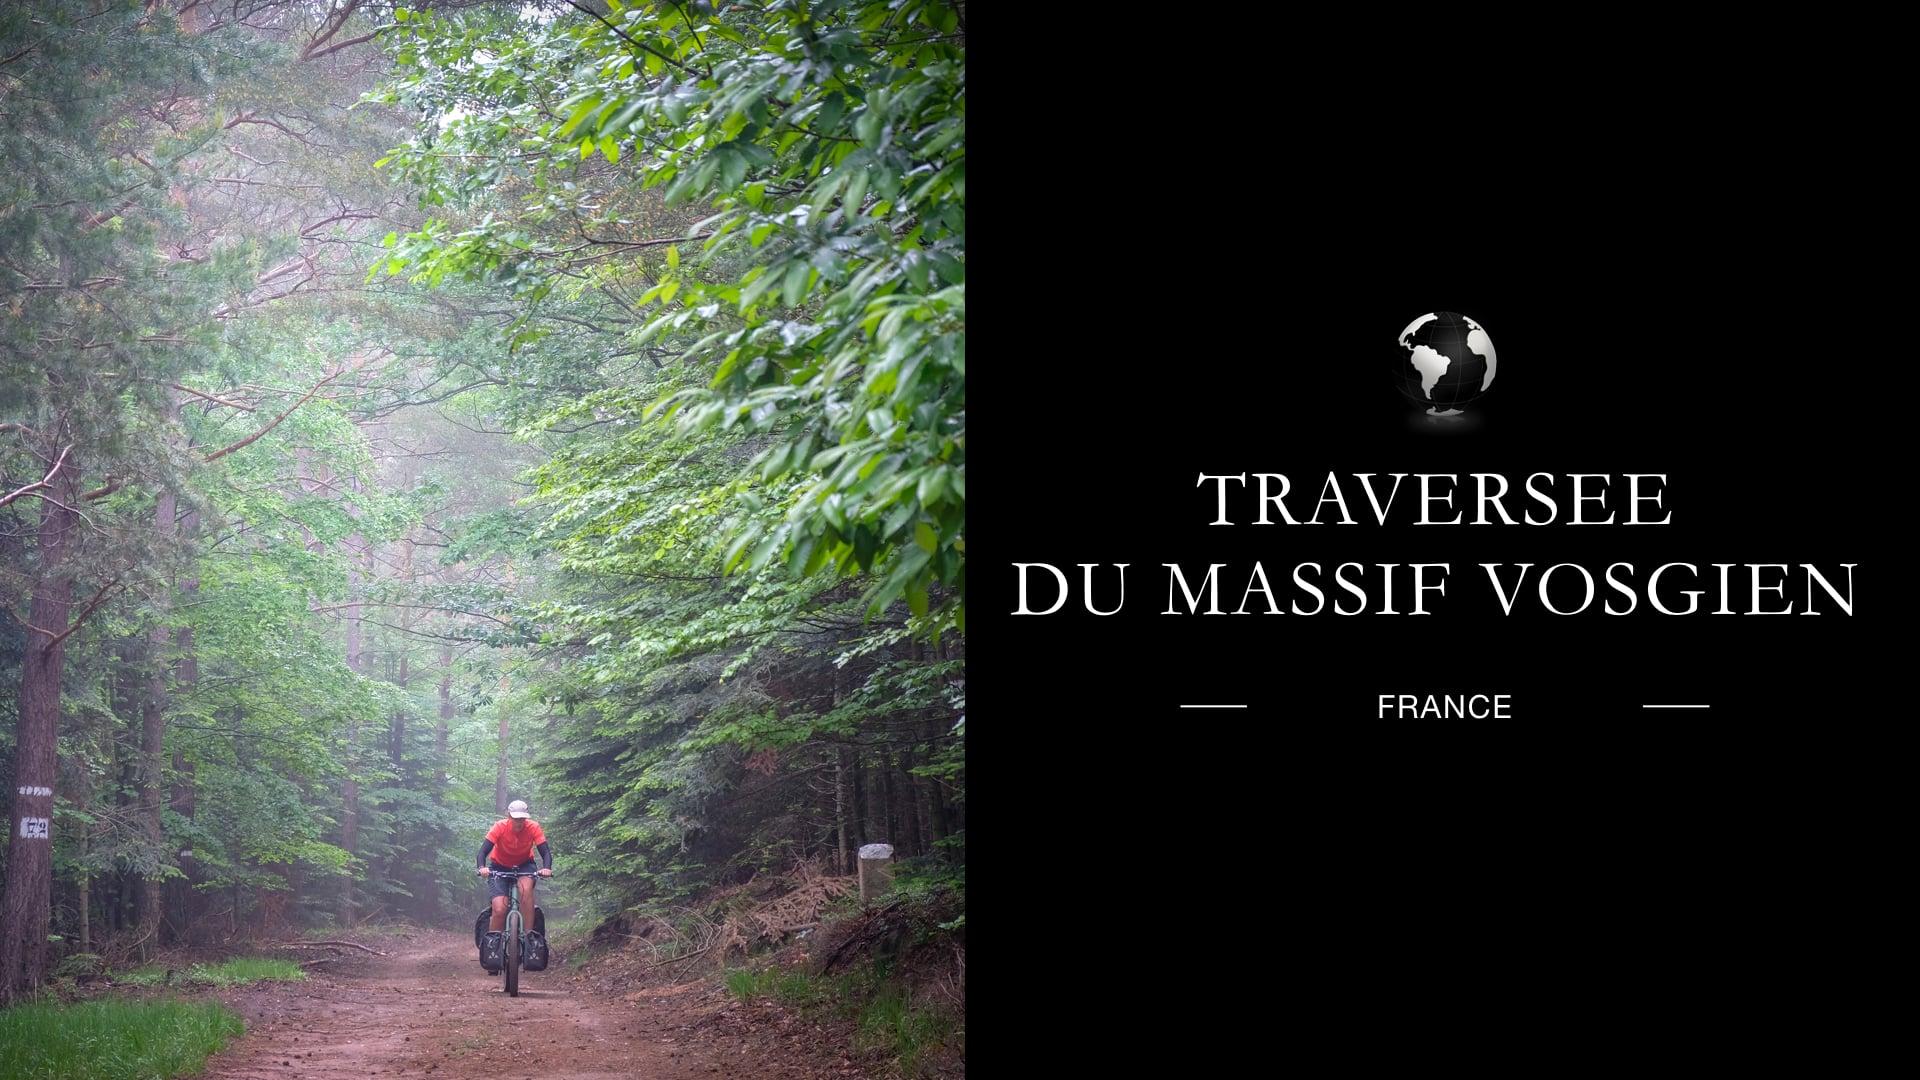 Traversée du Massif Vosgien by Bike